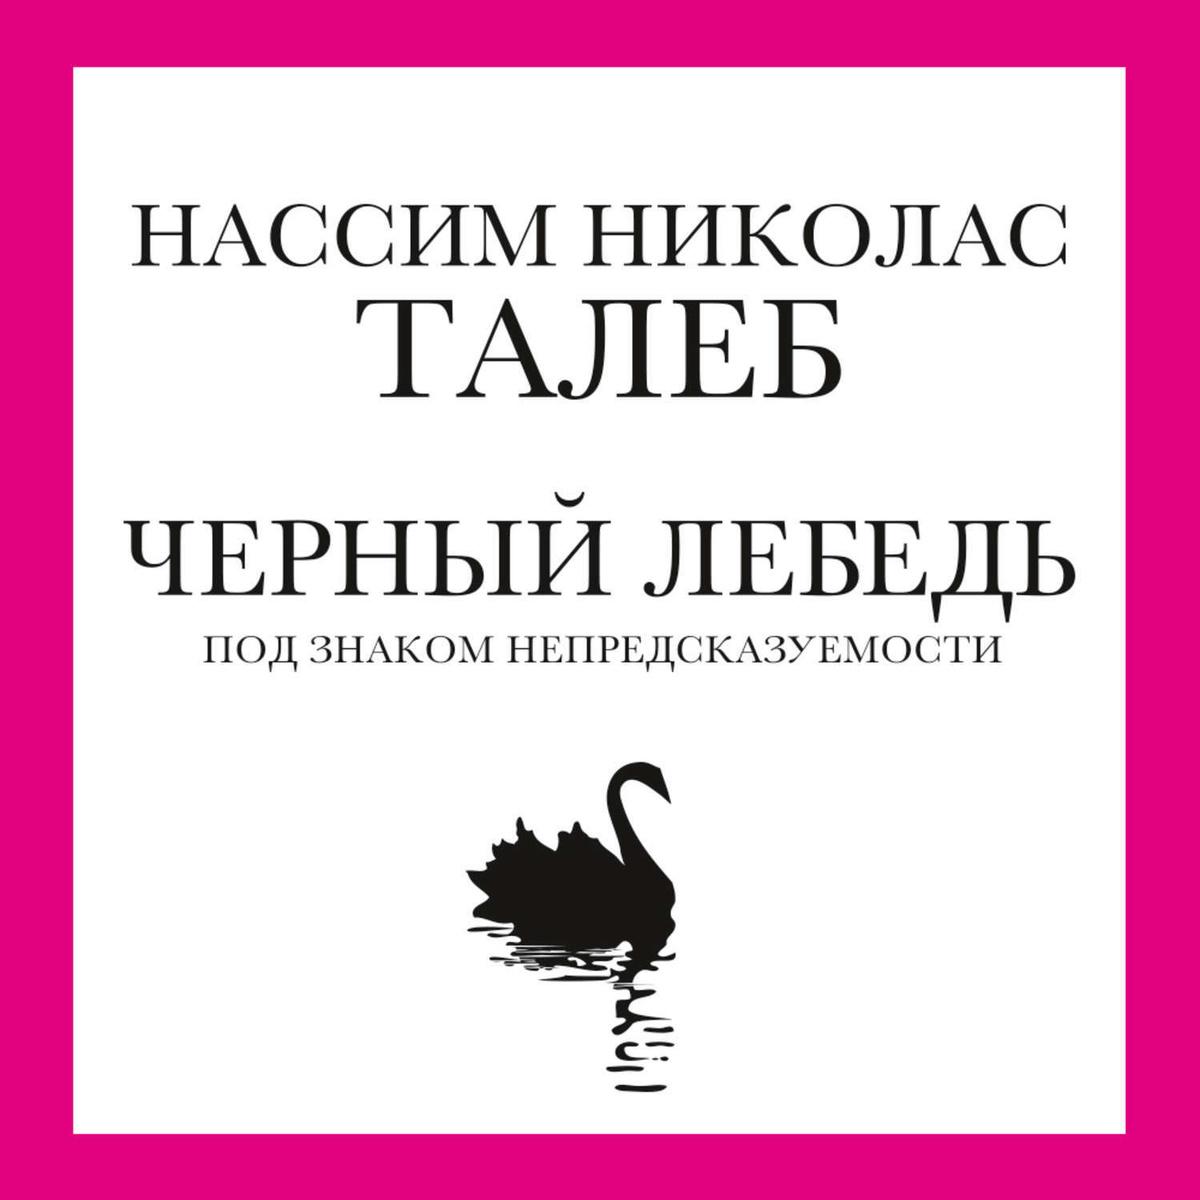 Черный лебедь. Под знаком непредсказуемости | Талеб Нассим Николас  #1